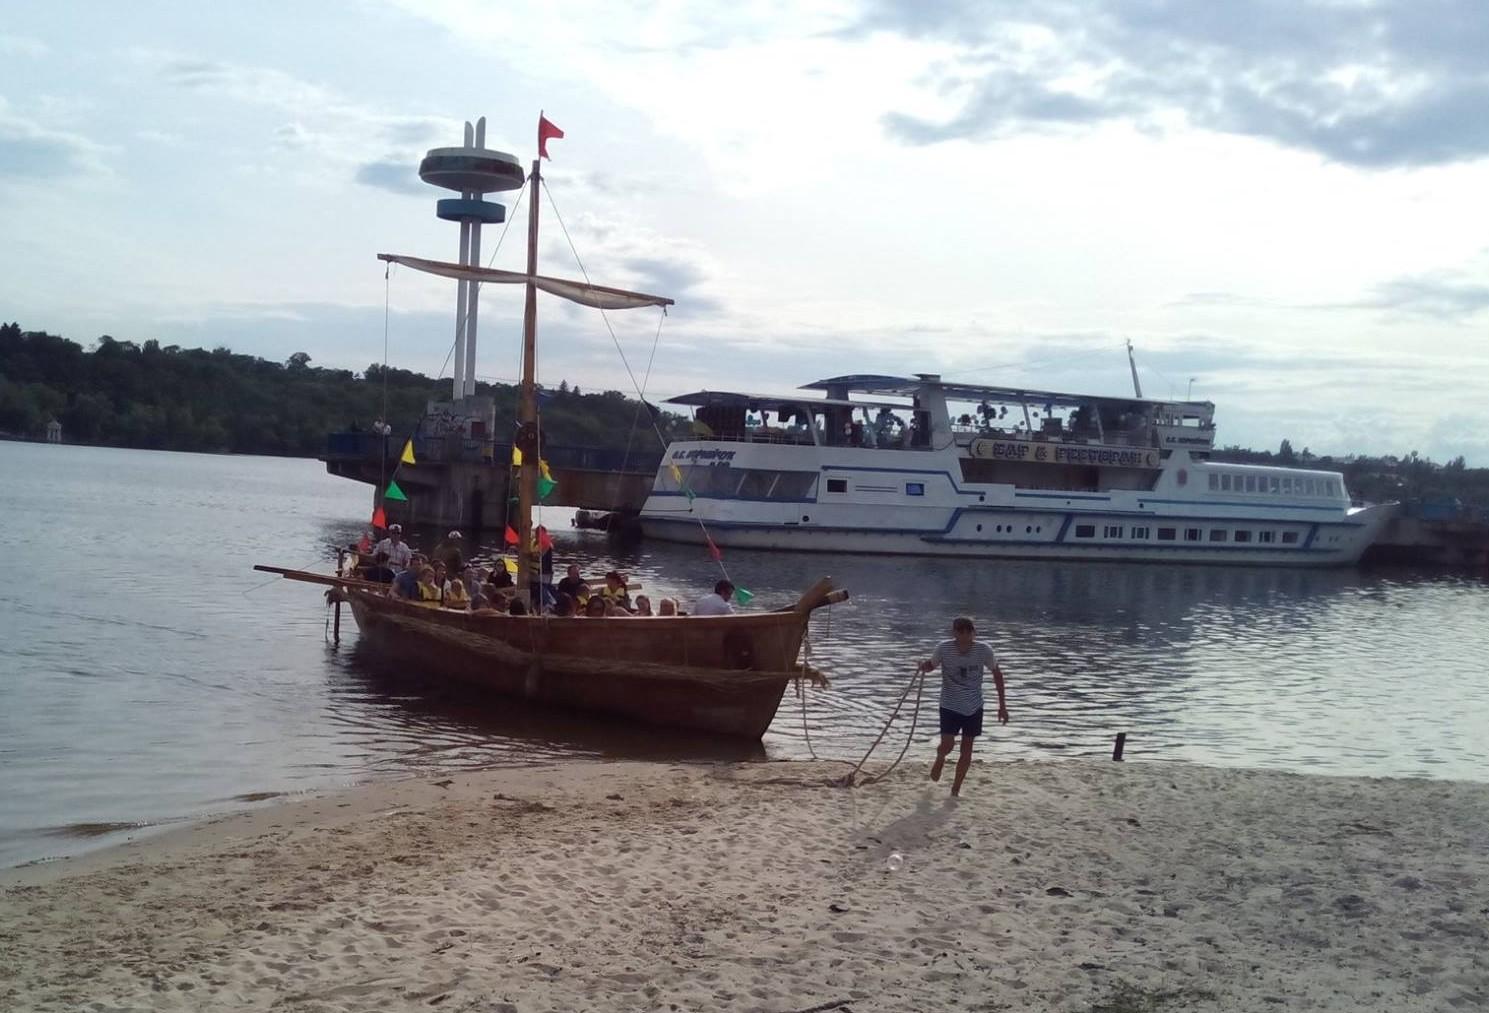 Приплыли: «Казацкая чайка» нелегально перевозила туристов по Днепру